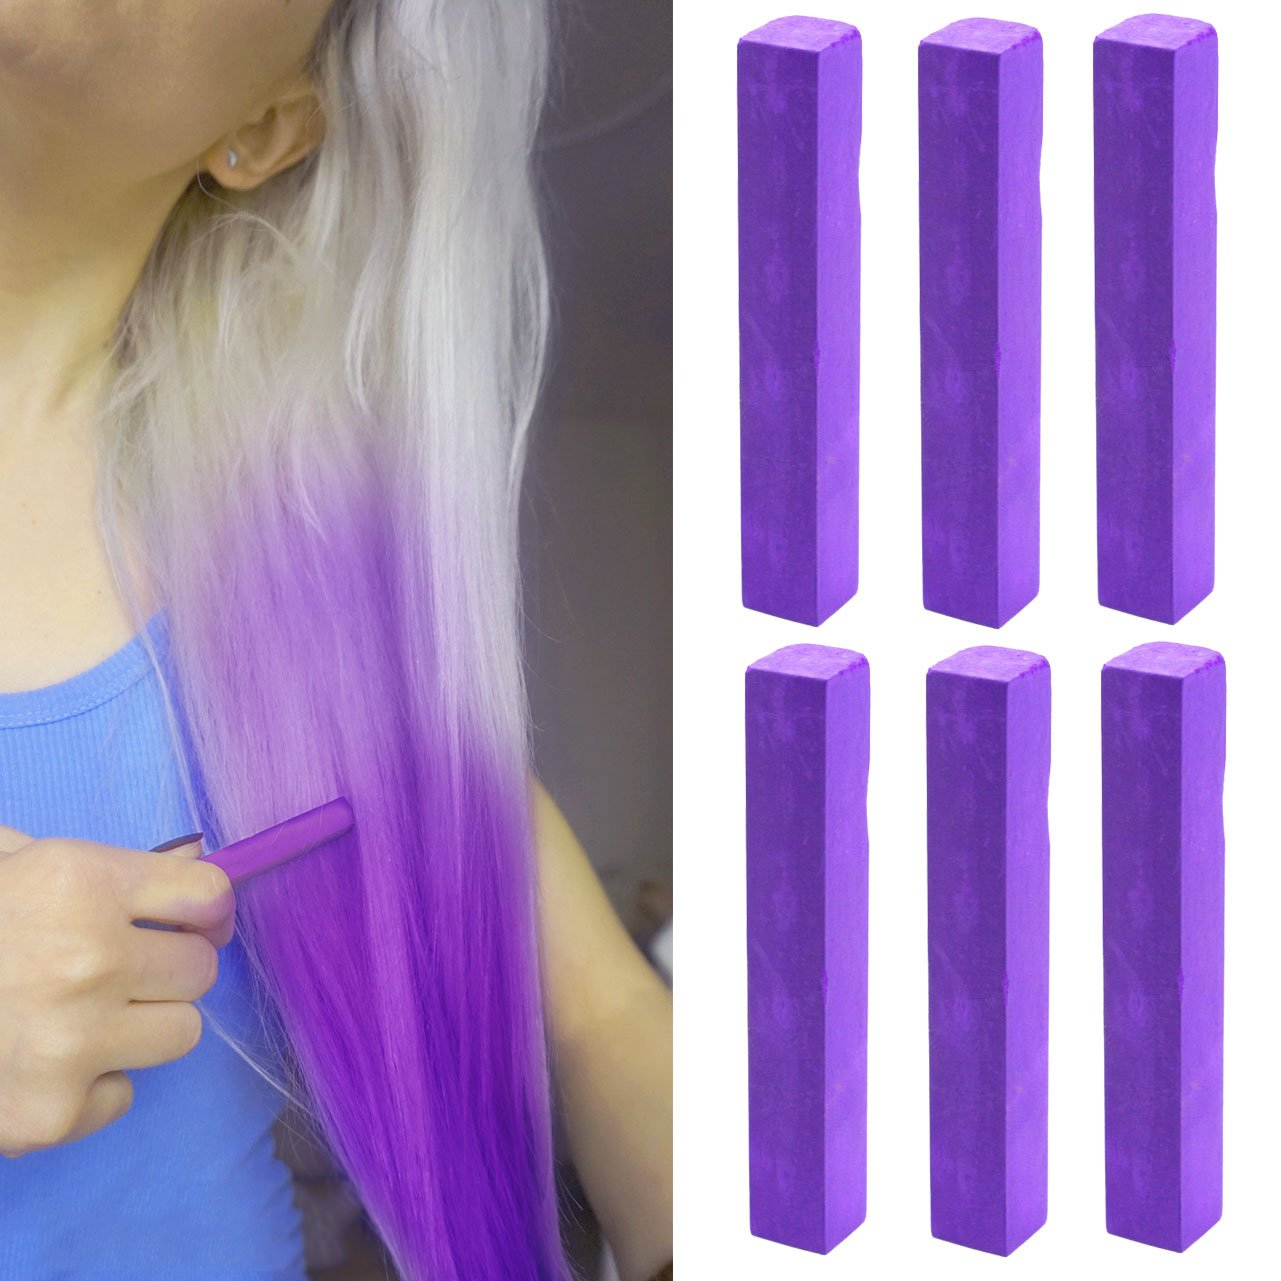 Cheap Blue And Purple Hair Dye Find Blue And Purple Hair Dye Deals